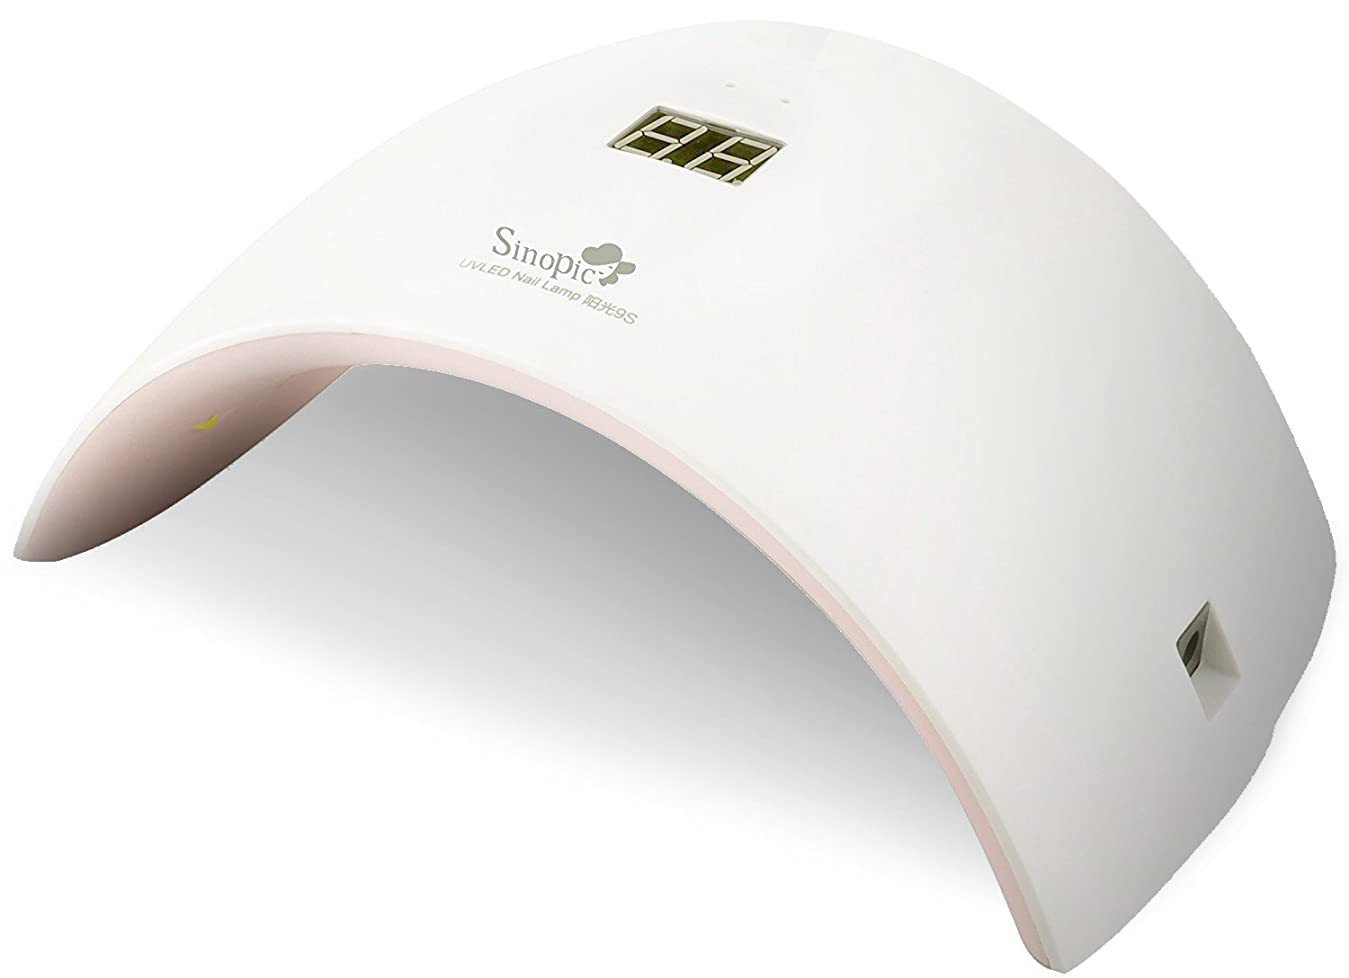 アトムアレキサンダーグラハムベルアセSinopic ネイルドライヤー 硬化ライト 自動センサ式 UV+ LEDライト 24W ジェルネイル マニキュアゲル 赤外線感知 品番:9S